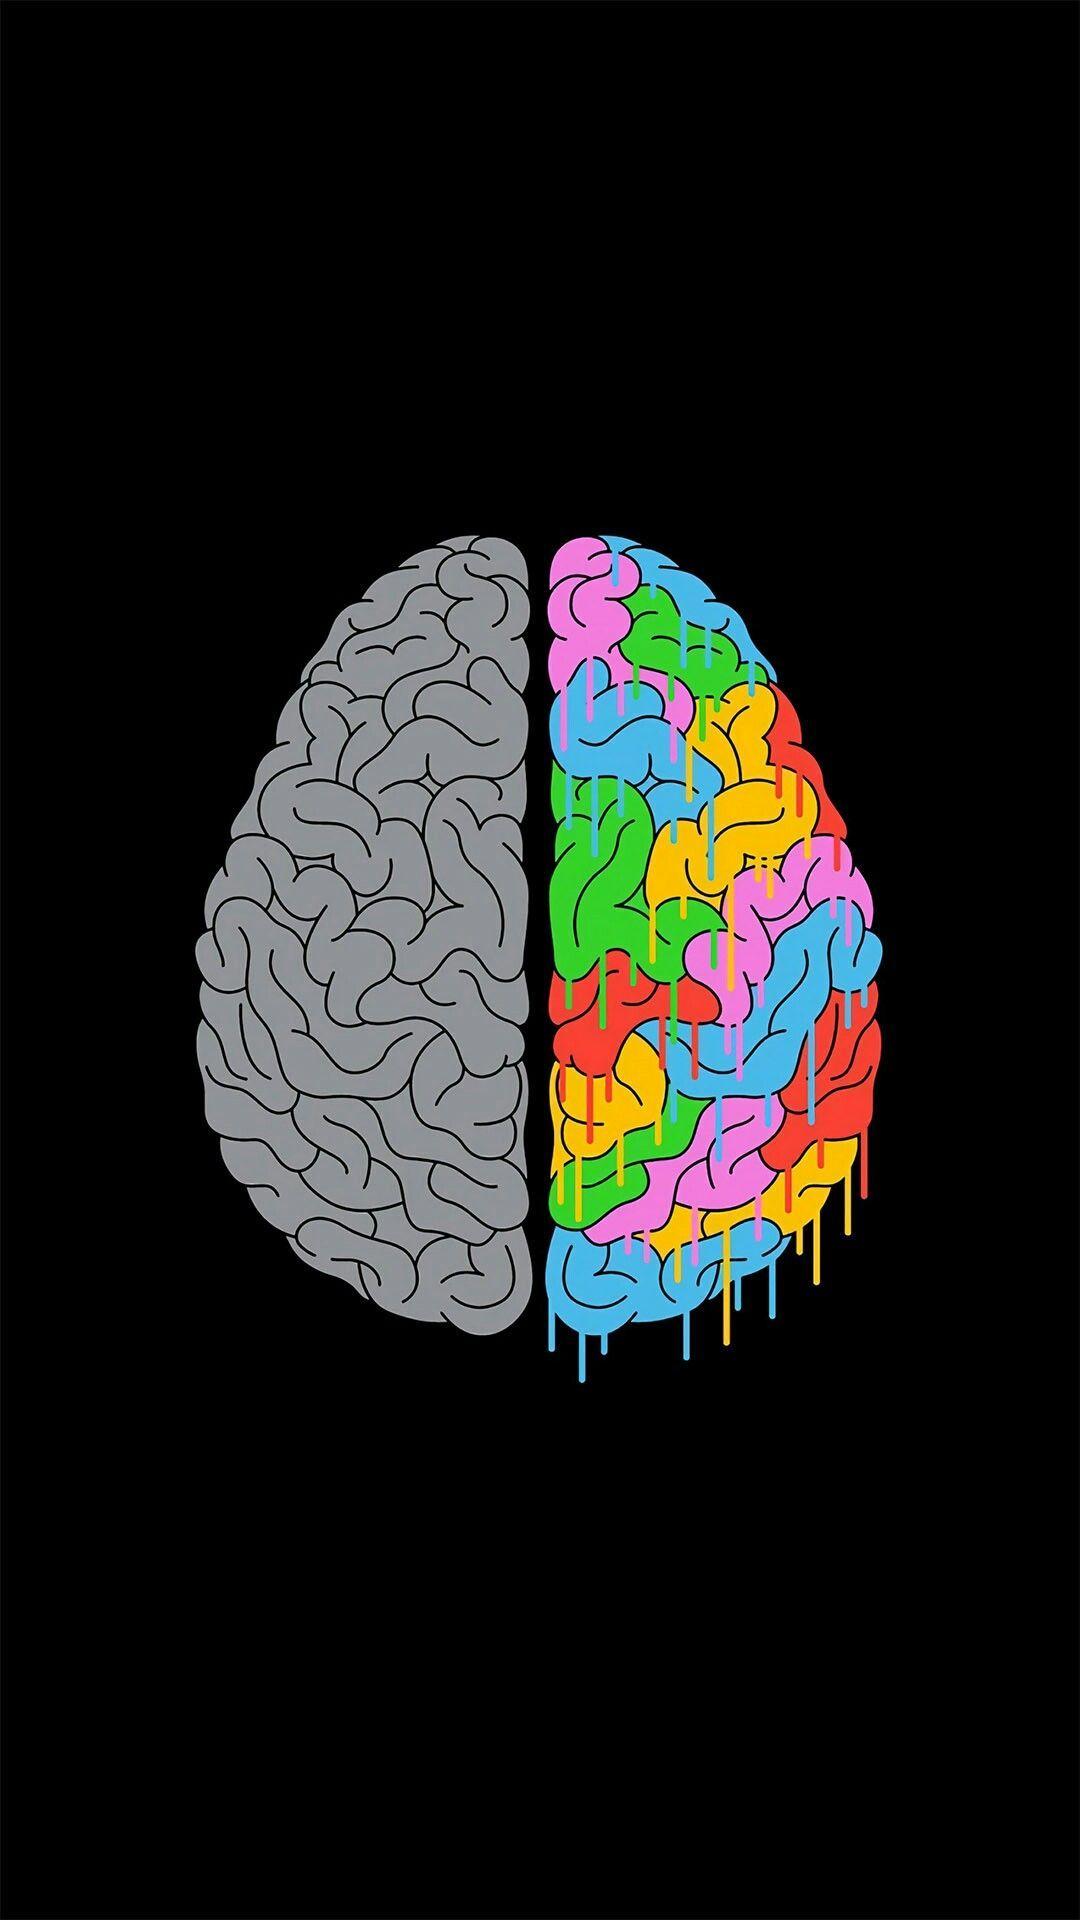 Brains Colorful Art Artwork Digitalart In 2019 Art